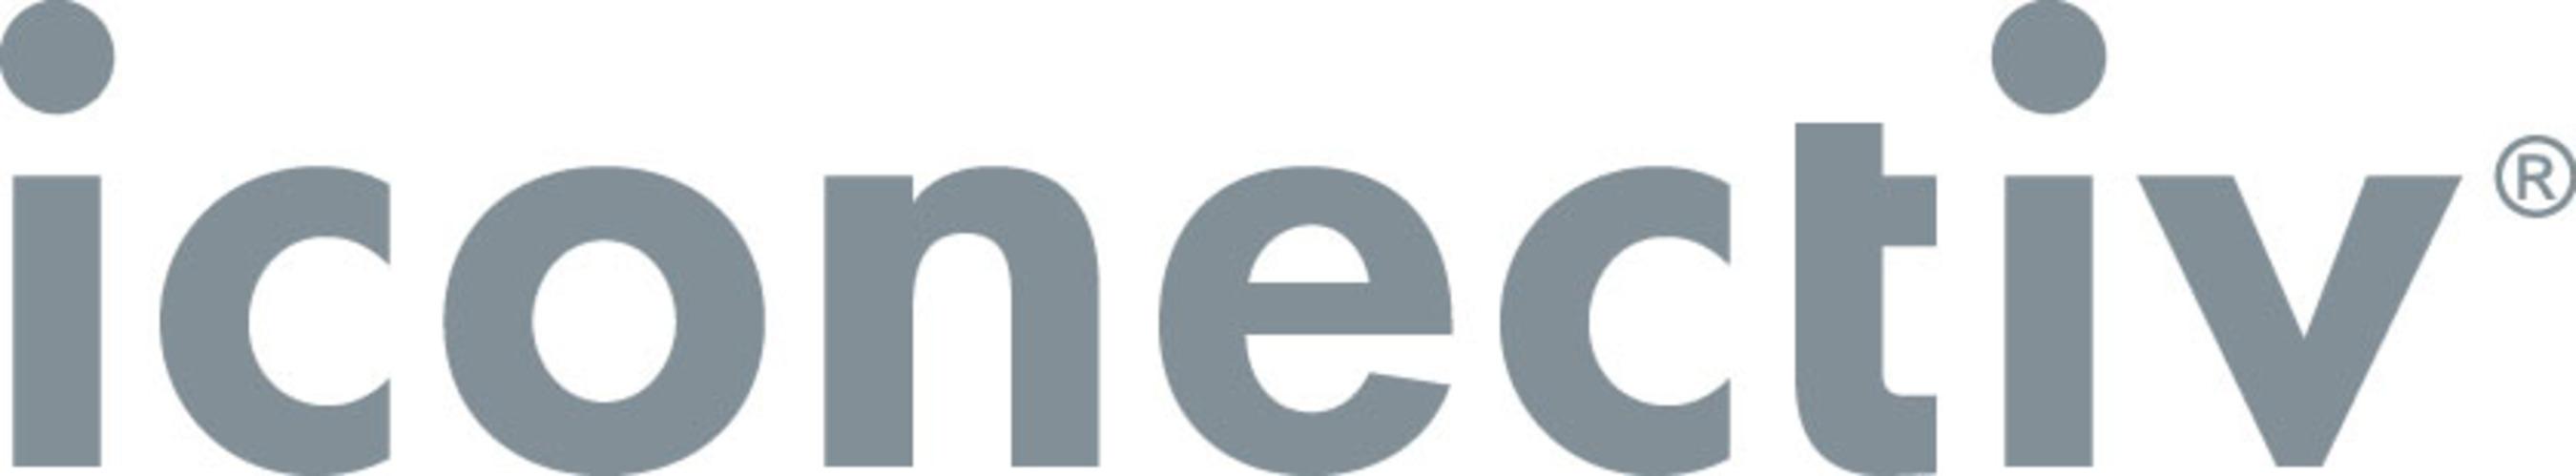 iconectiv logo.